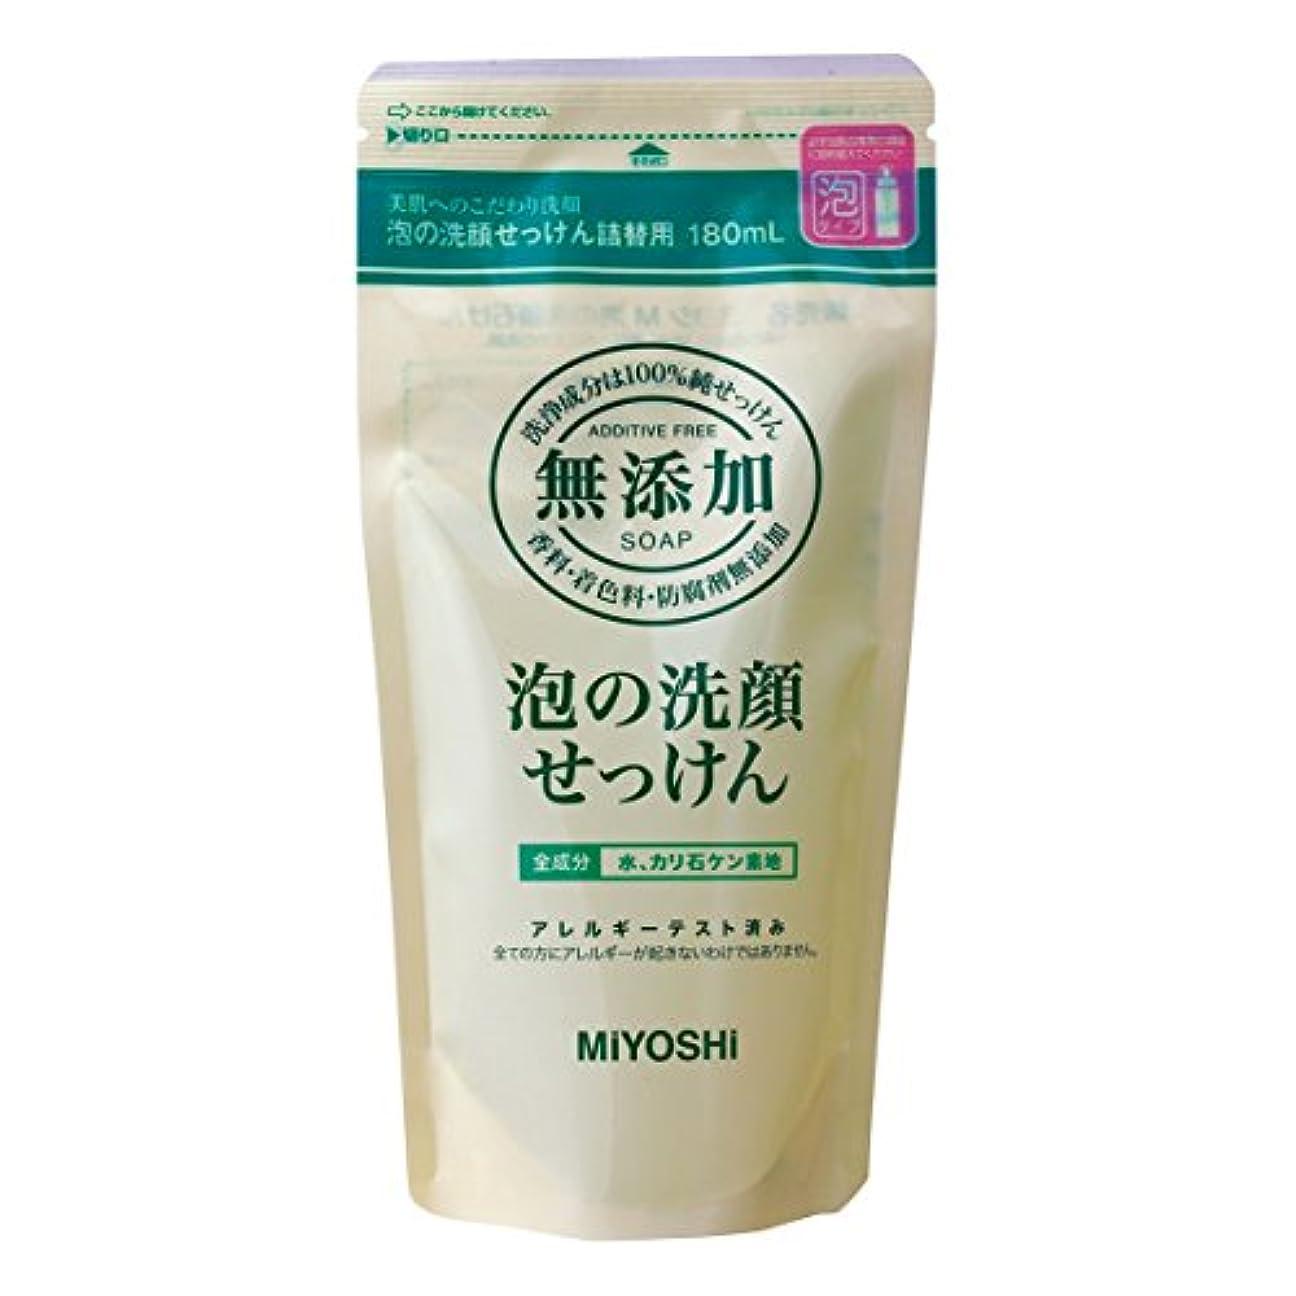 ぼかす尊敬代わりの無添加泡の洗顔せっけん 詰替180ml